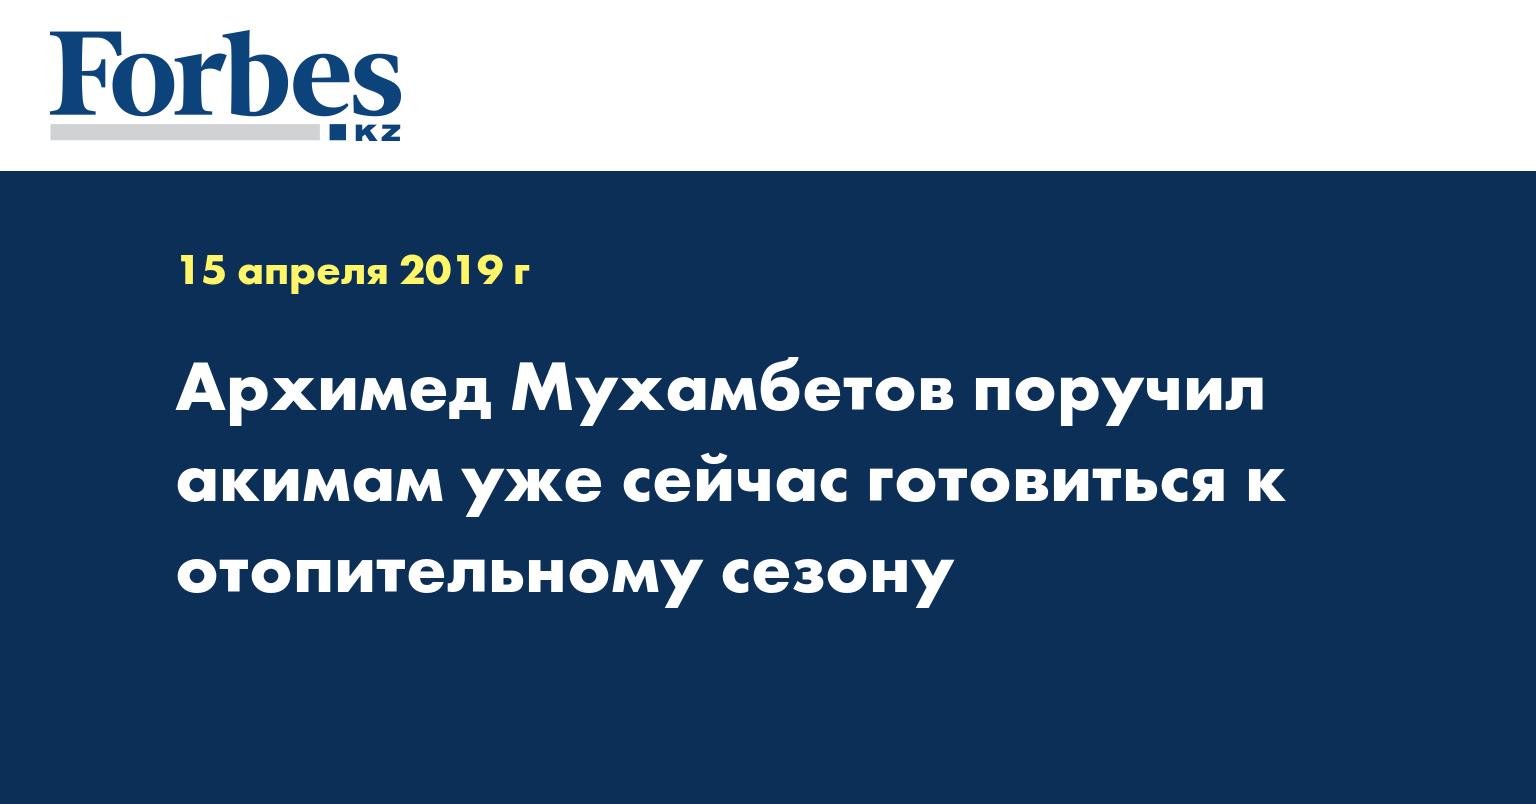 Архимед Мухамбетов поручил акимам уже сейчас готовиться к отопительному сезону